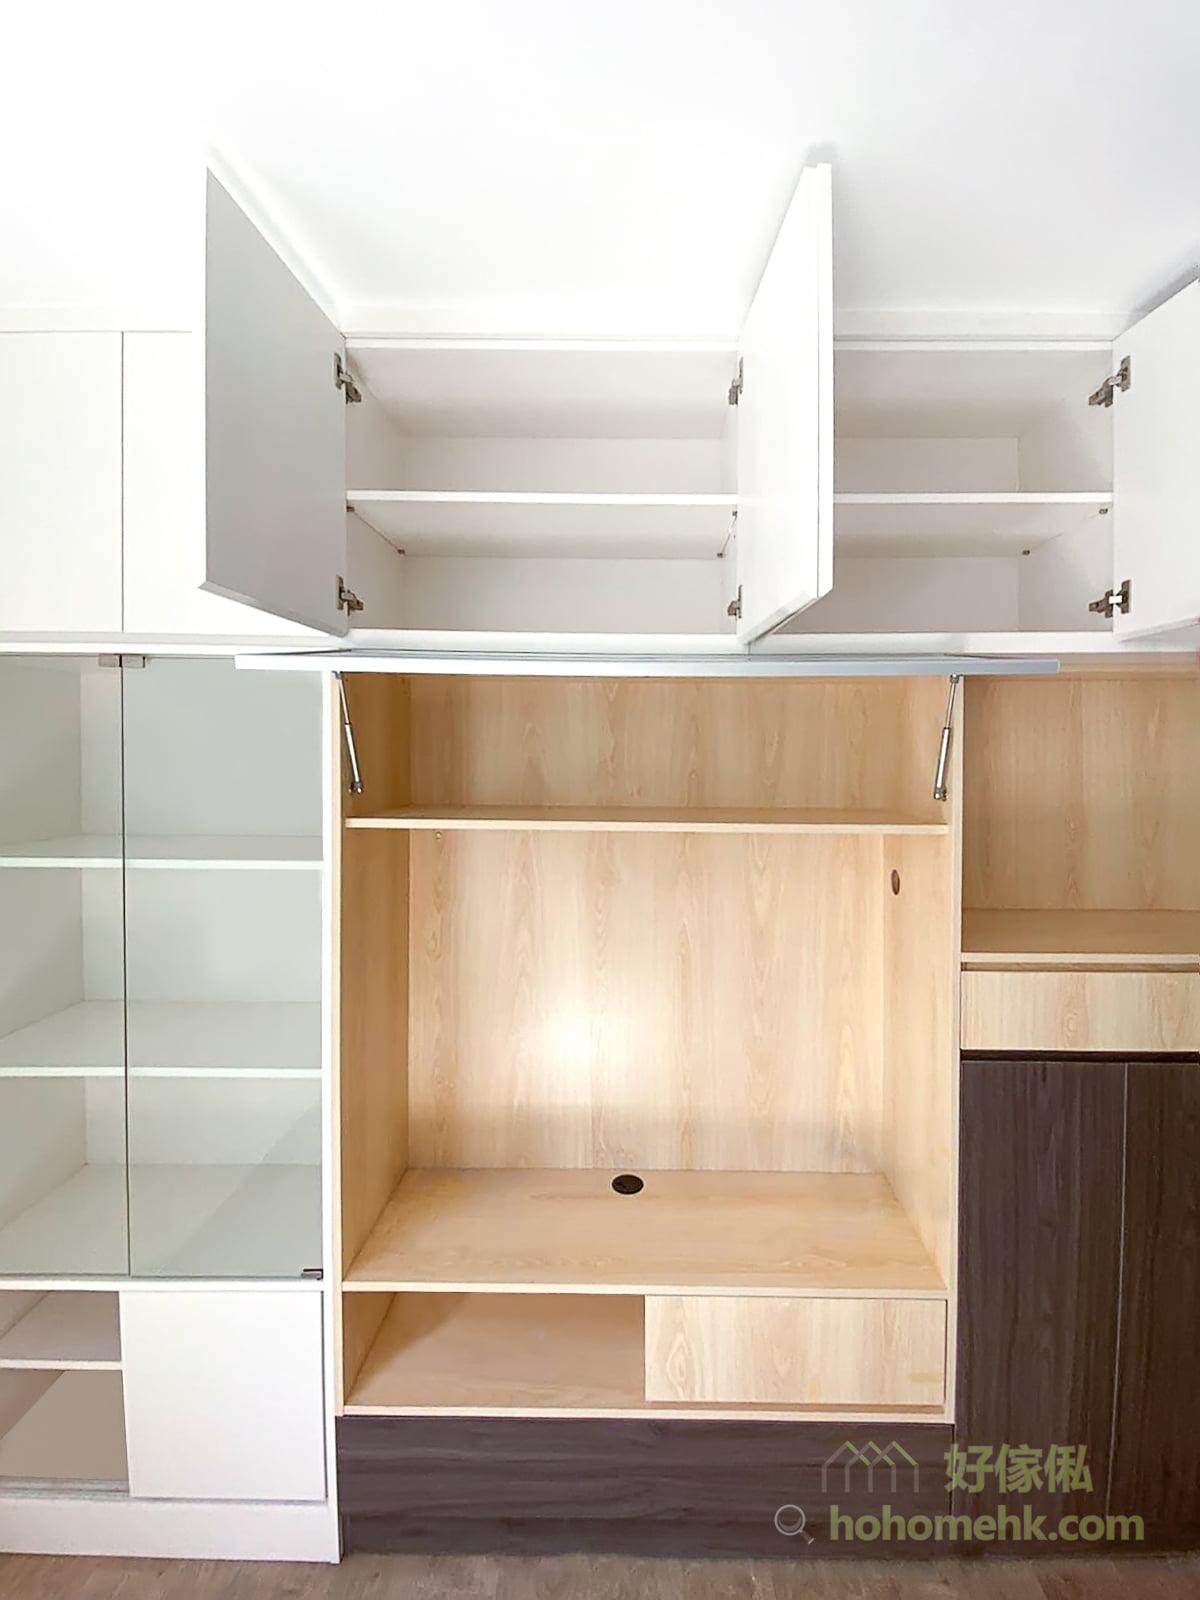 客廳電視櫃/組合櫃/C字櫃/儲物櫃,不同配色可以營造不同的家居風格